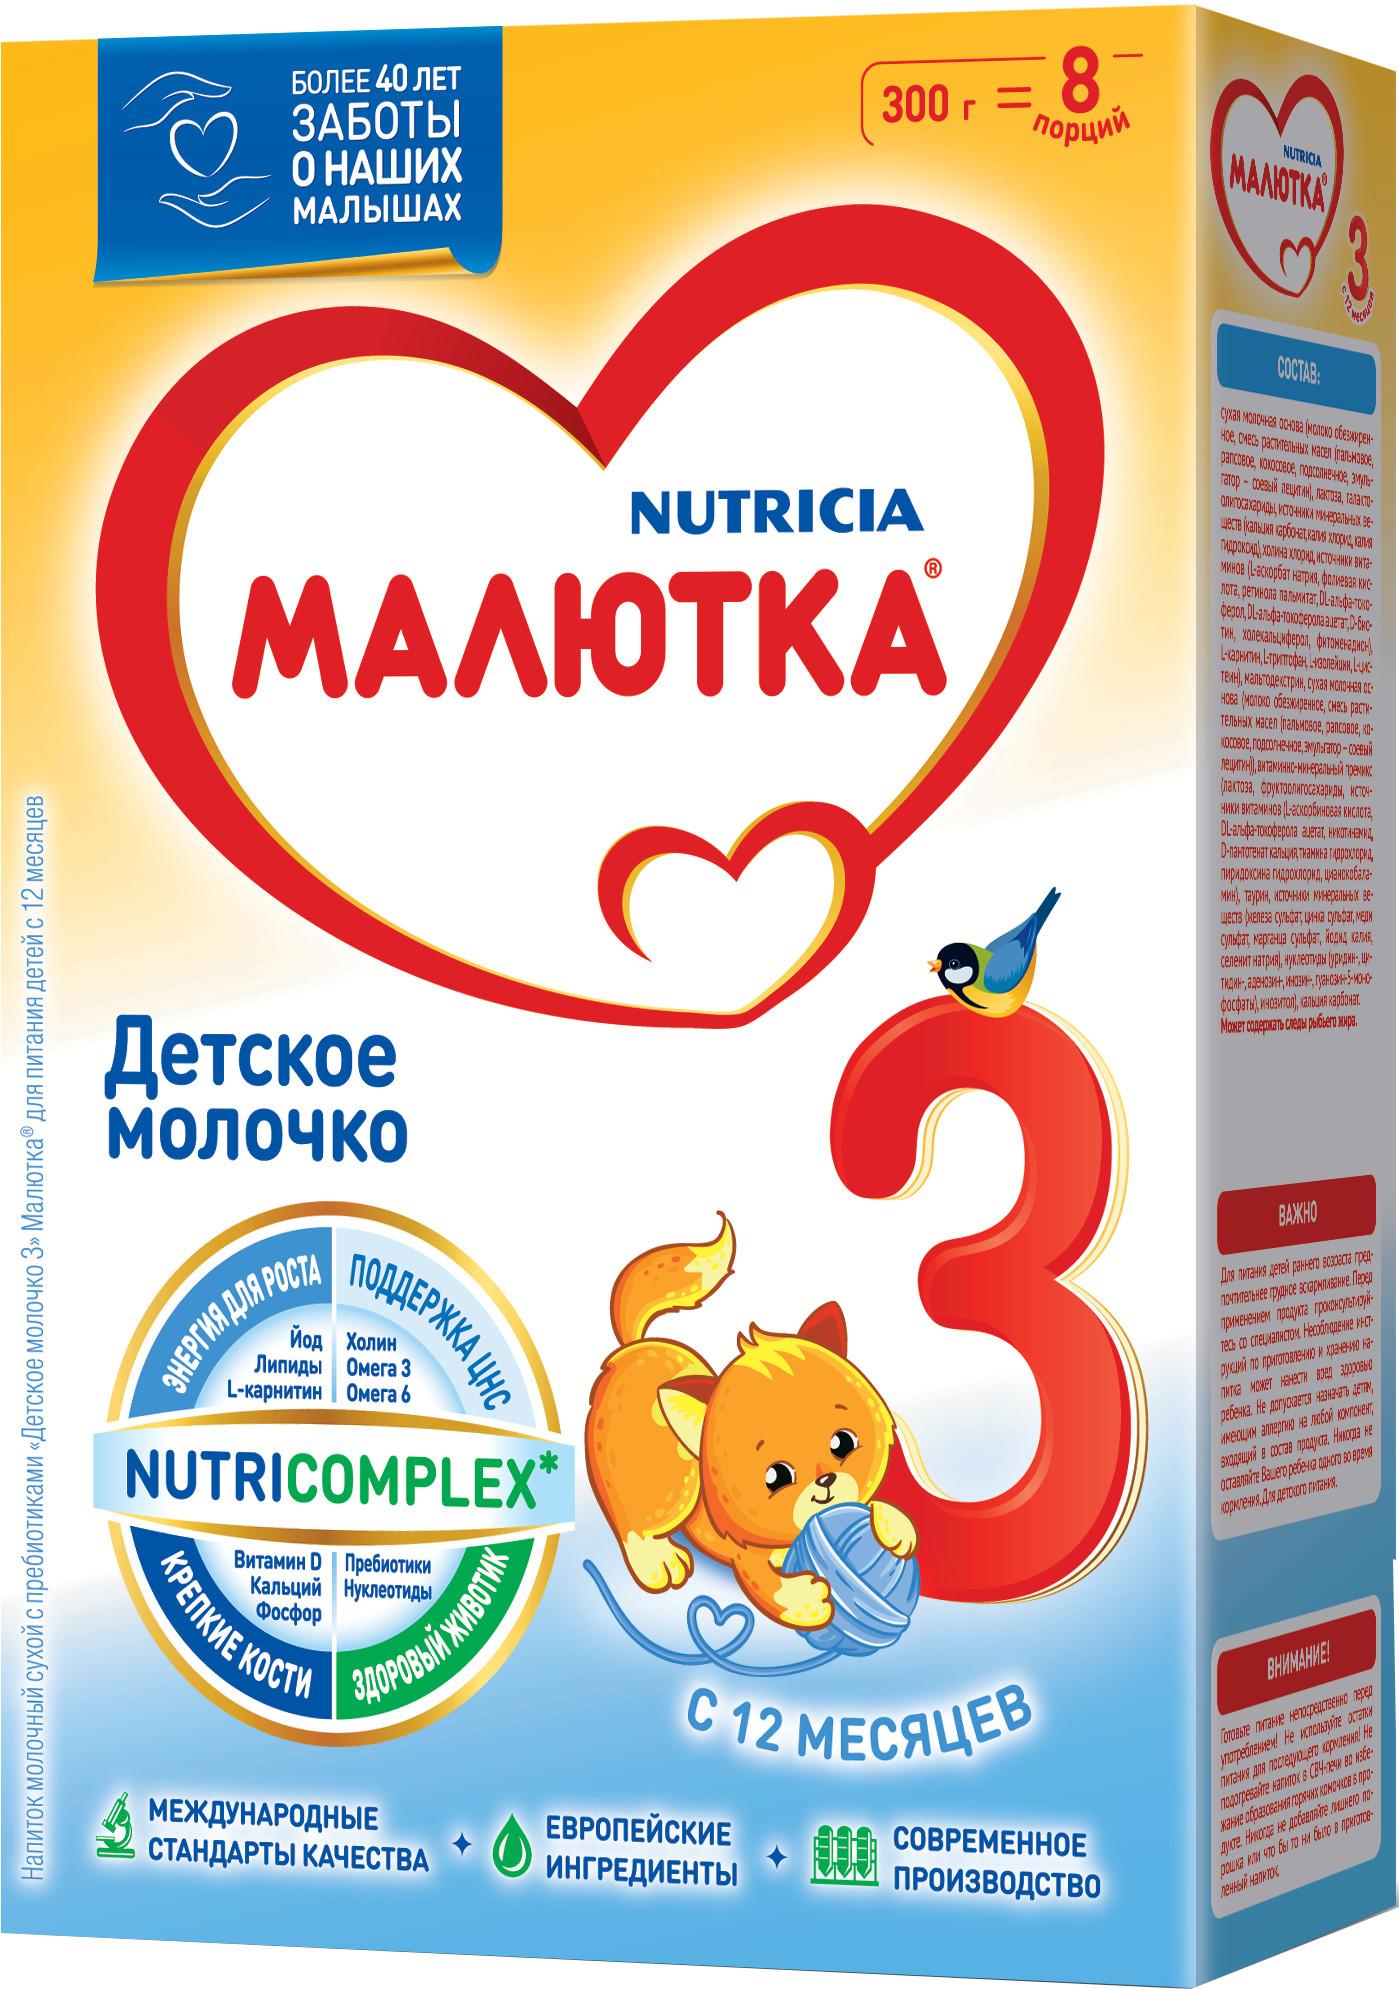 Сухие Малютка Детское молочко Малютка 3 с 12 мес. 300 г детское молочко малютка 4 с 18 мес 600 г